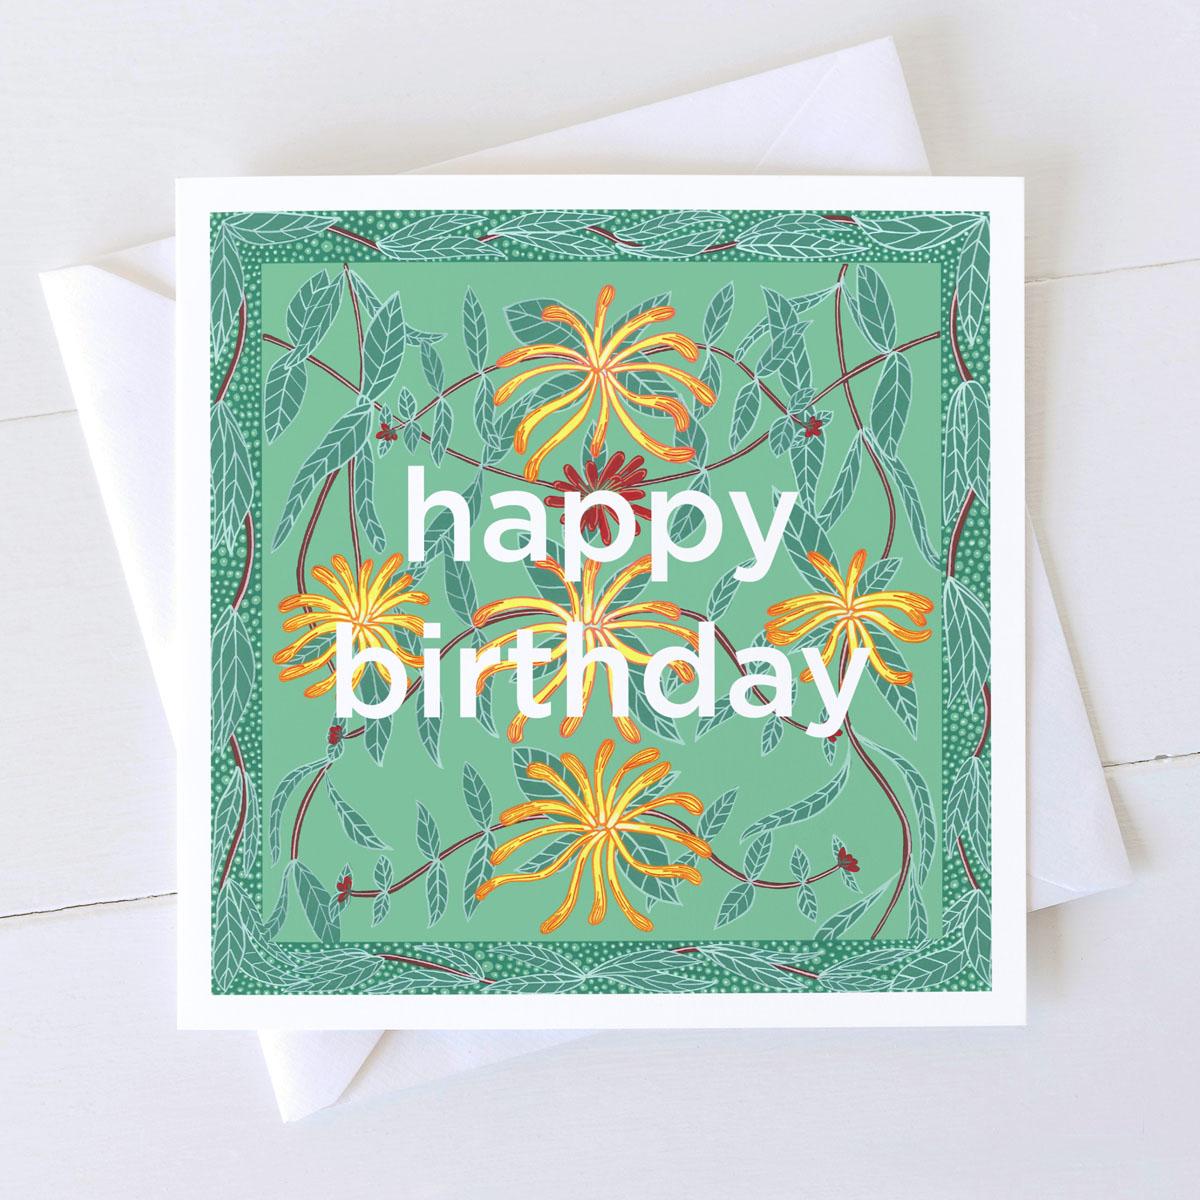 Honeysuckle Happy Birthday Wild Flower Card